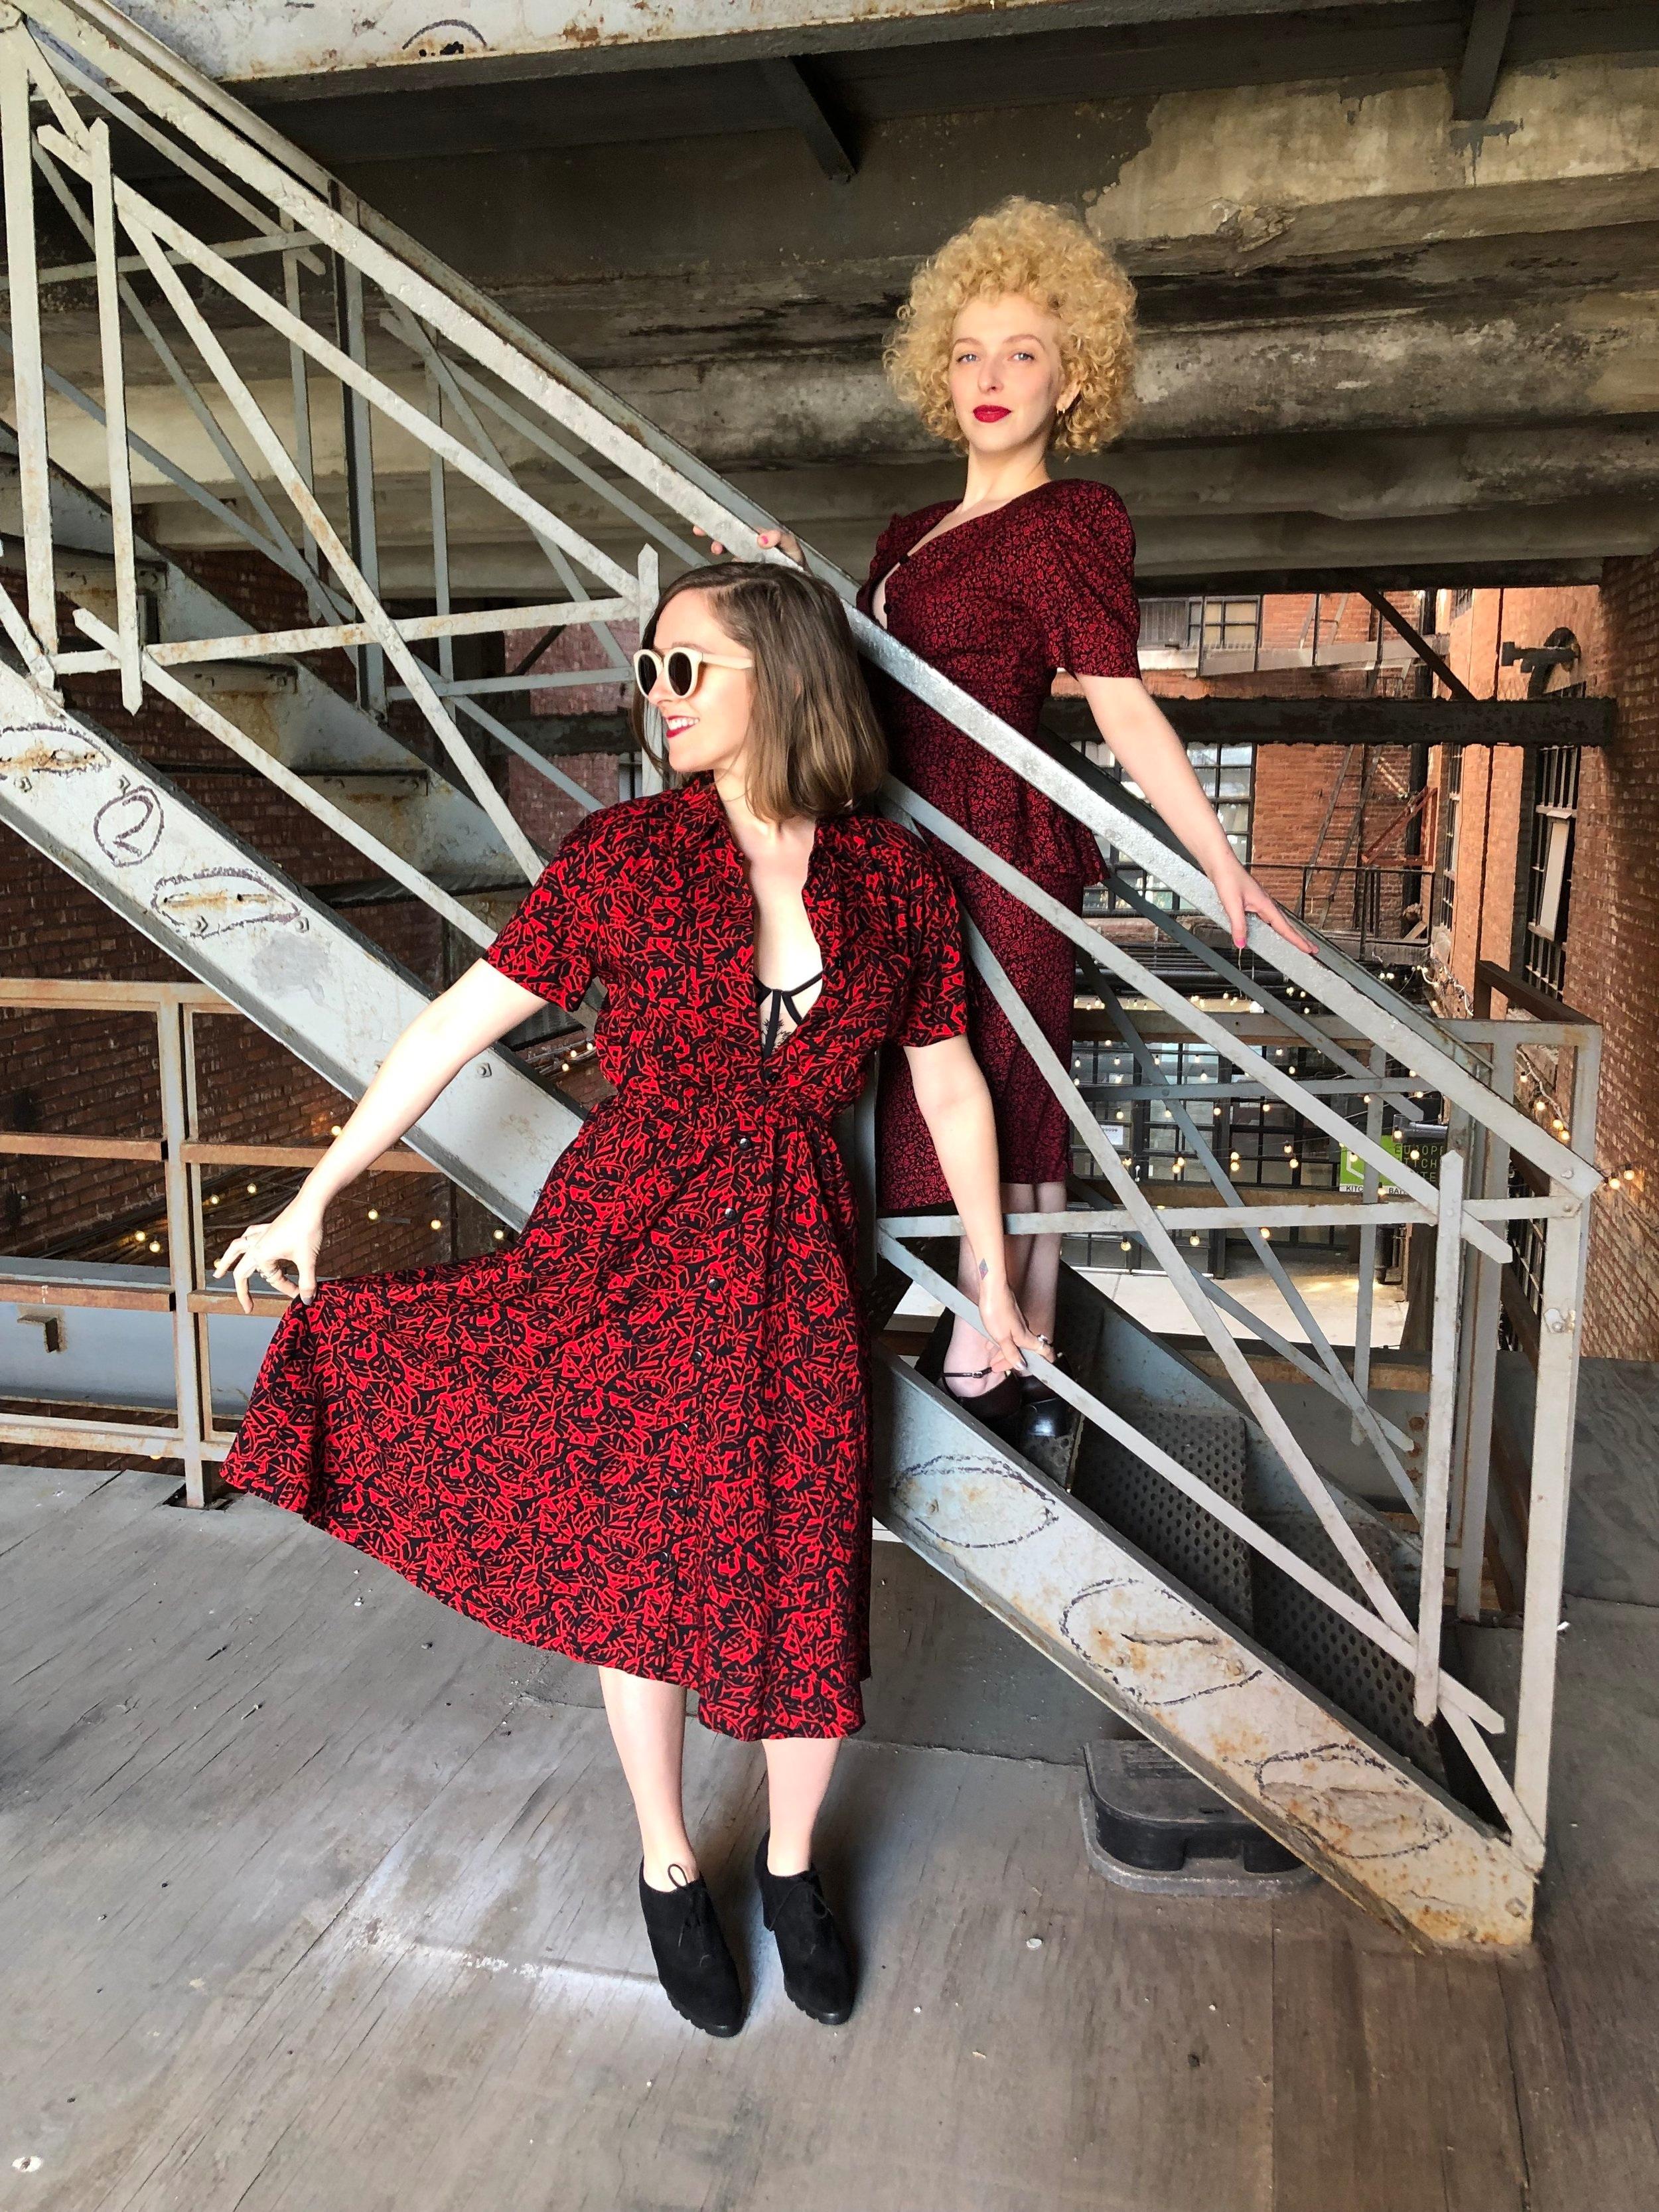 Lisa Markuson & Tania Asnes - of Ars Poetica